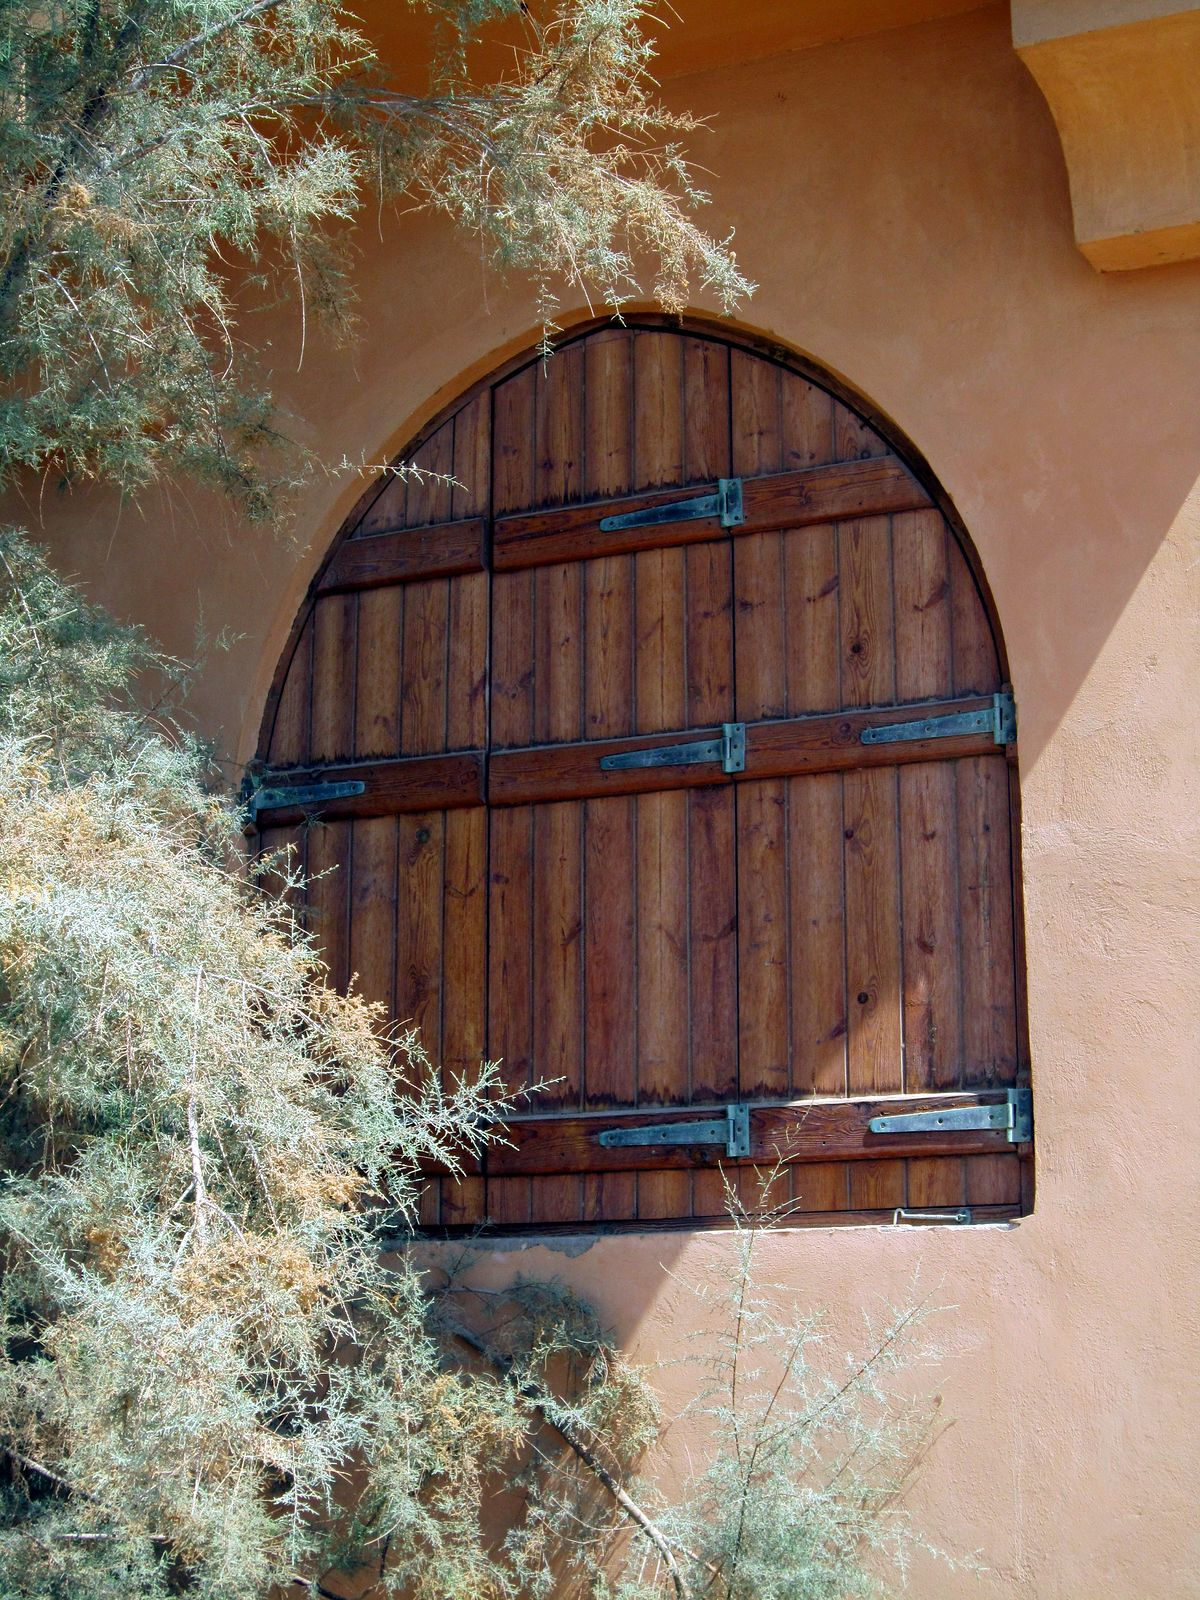 El Gouna est une véritable œuvre d'art de l'architecture belle et charmante. J'ai aussi trouvé cette petite fenêtre mignonne pendant une de mes promenades. El Gouna, Egypte | Columbus Travel